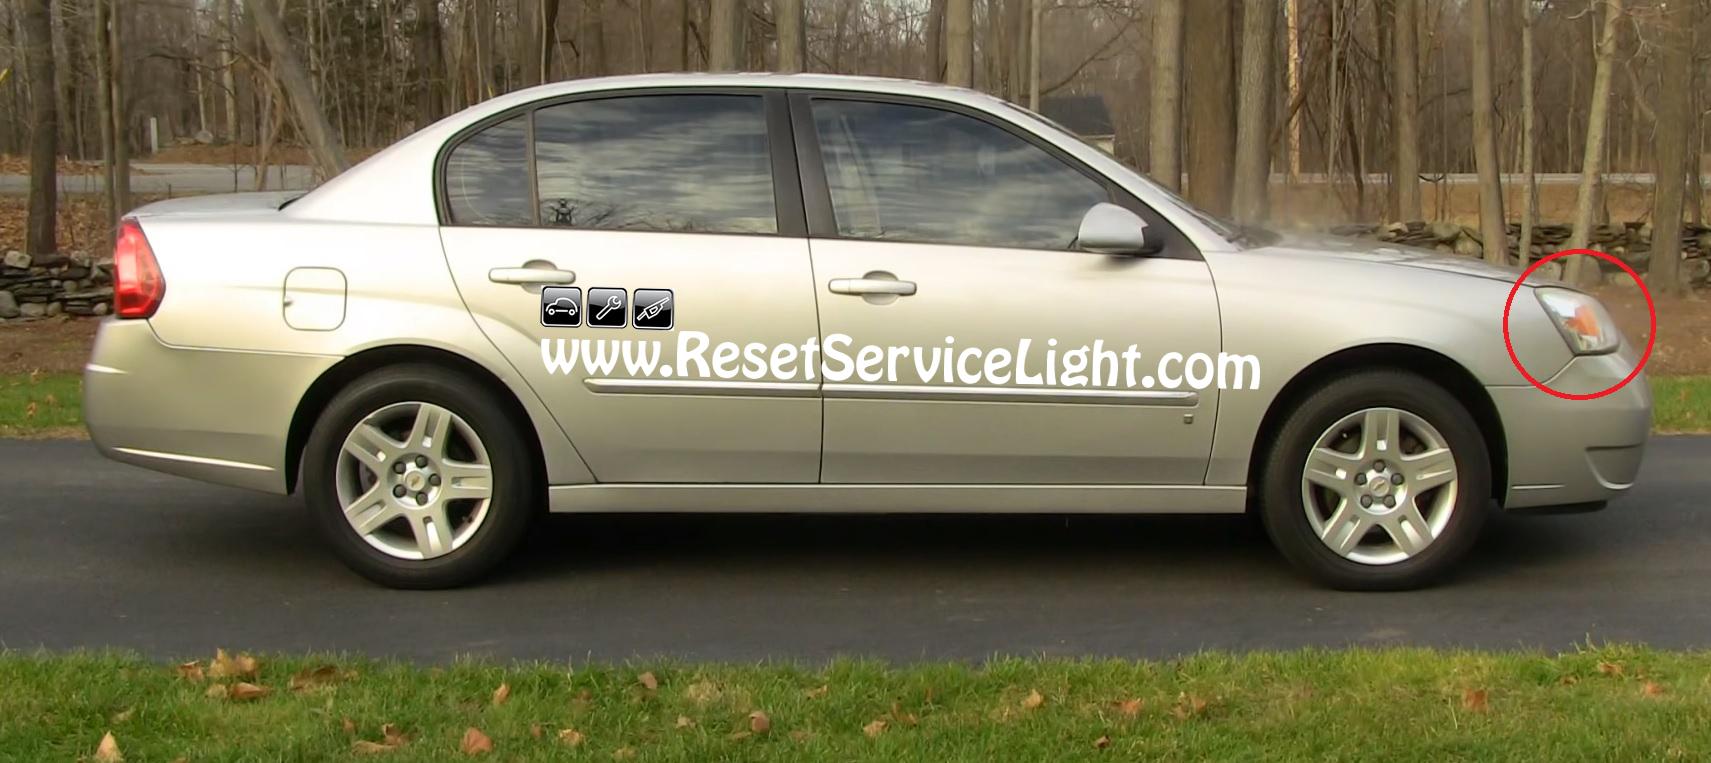 Malibu 2008 chevy malibu headlight bulb replacement : How to change the headlight on Chevy Malibu 2004-2008 – Reset ...